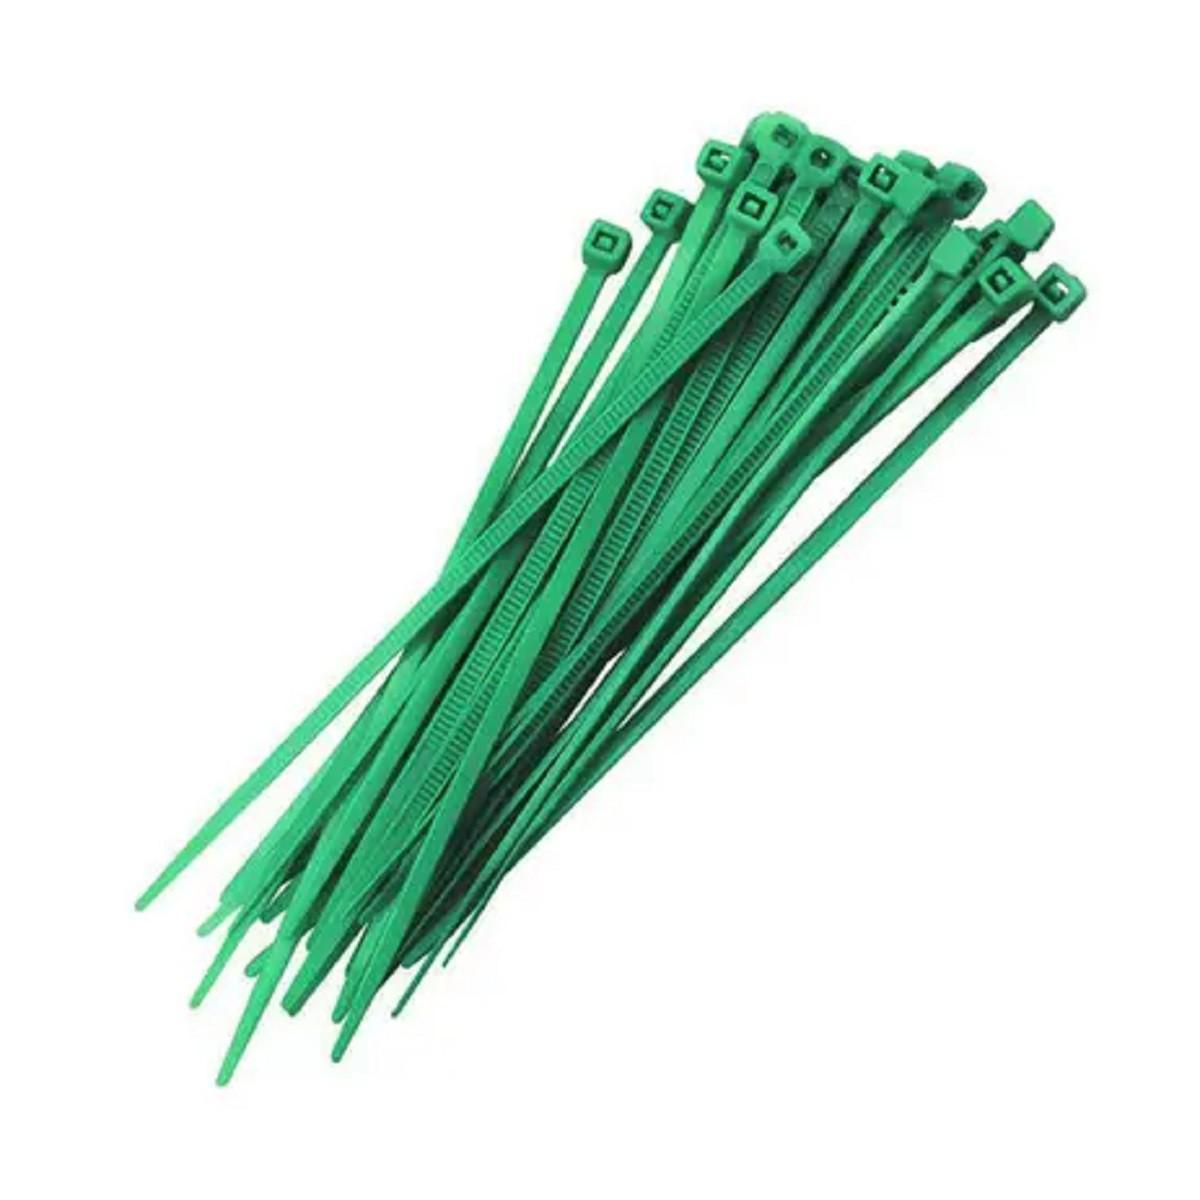 Abraçadeira Nylon Verde 100 Unidades 2,5 X 200 mm  - Rea Comércio - Sua Loja Completa!